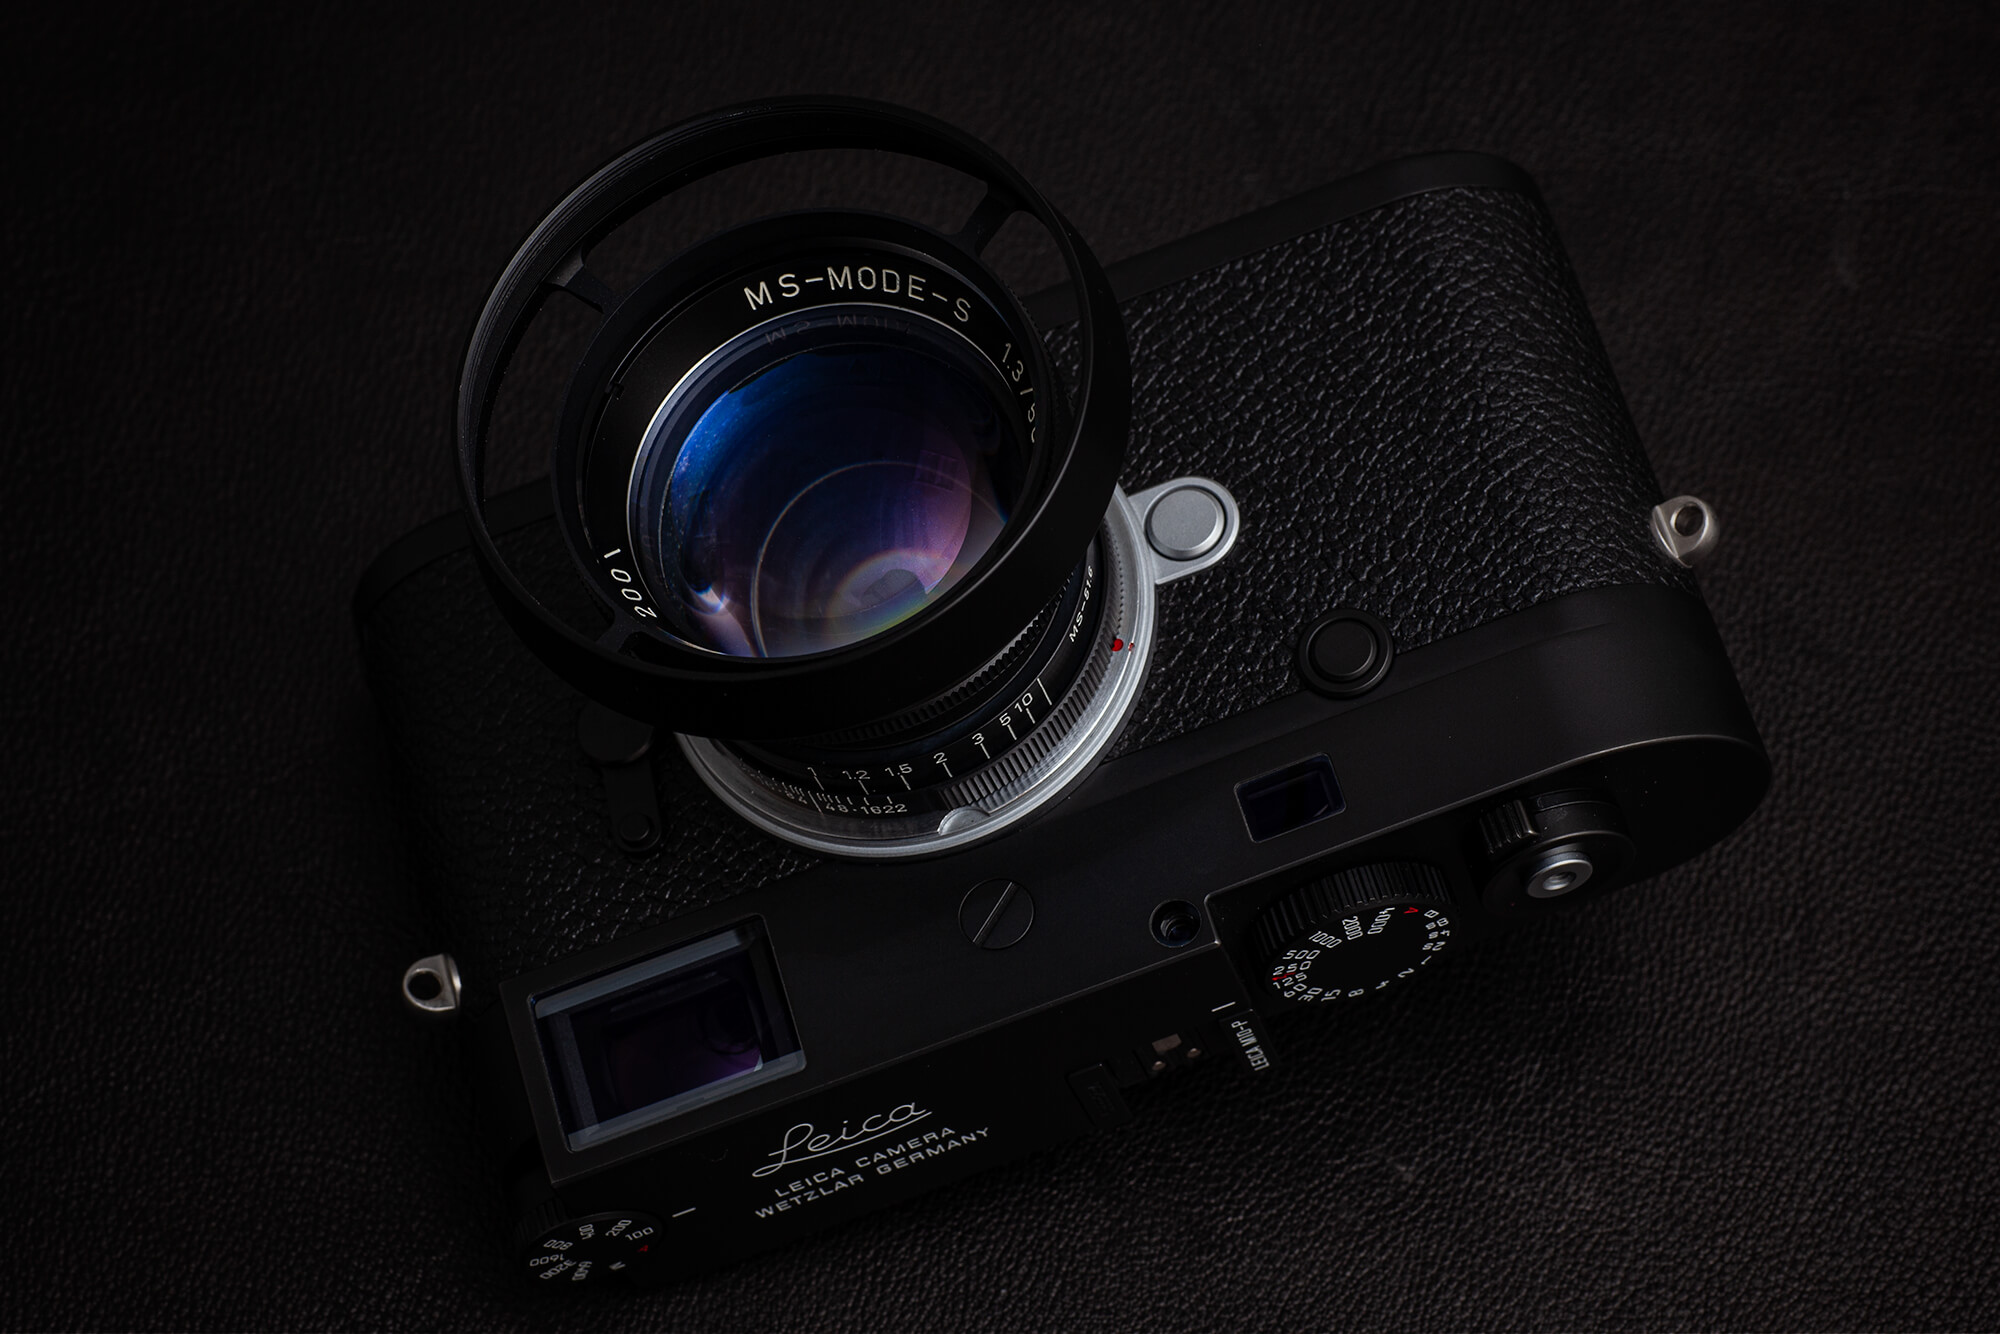 MS-Optics(エムエスオプティックス) MS-MODE-S 50mm F1.3 (ライカLマウント)